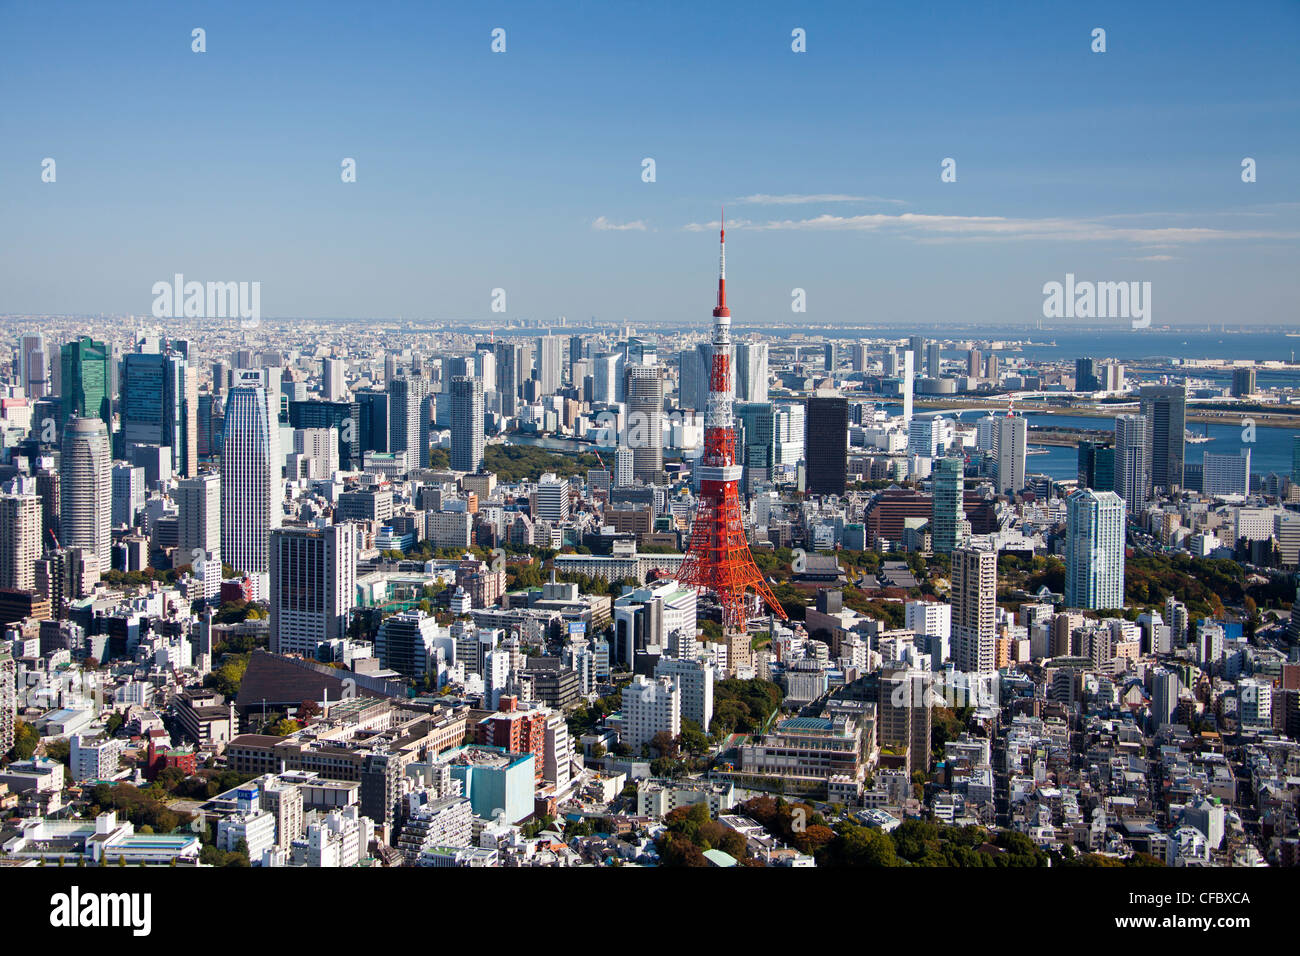 Tokyo japan asien stadt skyline von tokyo tokyo tower - Architektur tokyo ...